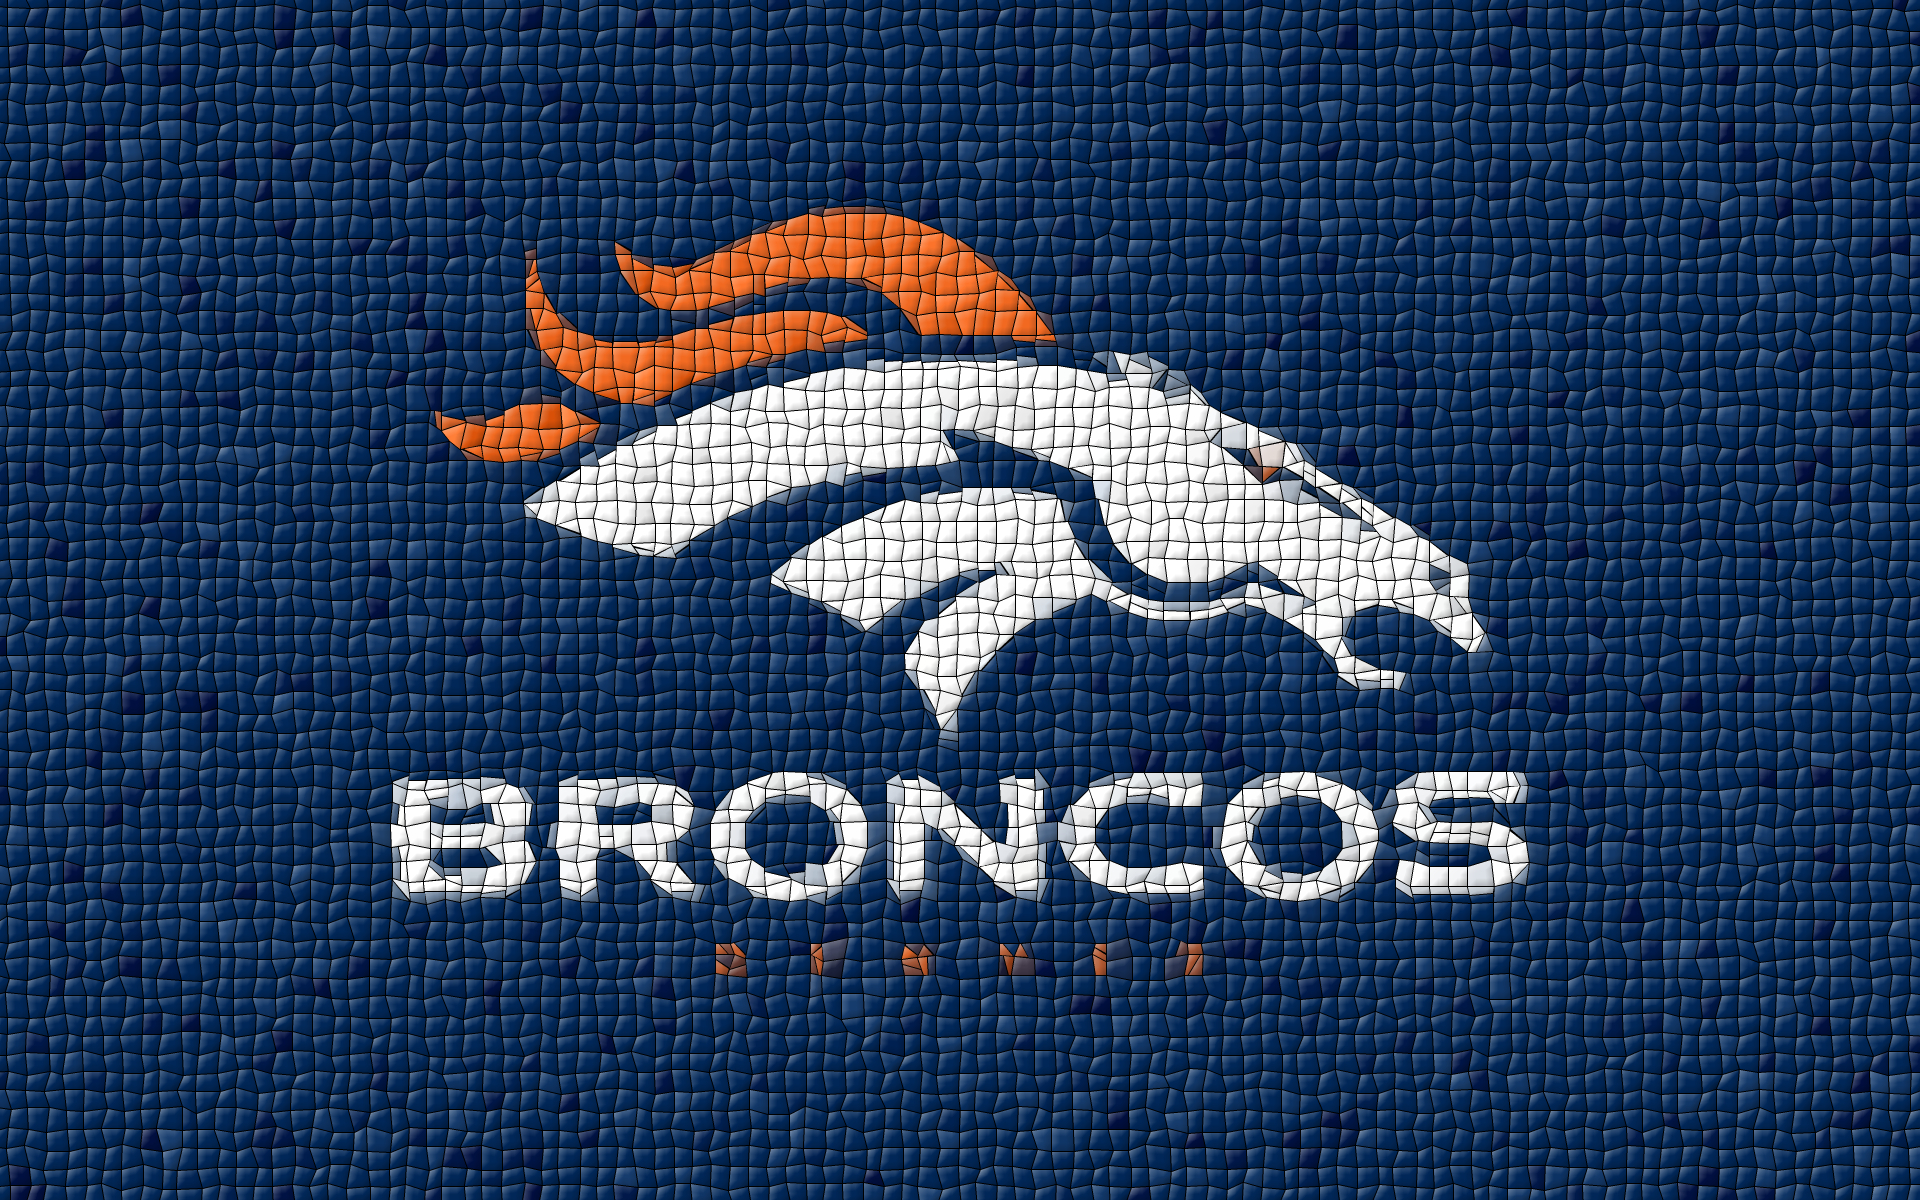 Denver Broncos Logo Mosaic Tiles 1920x1200 WIDE NFL Denver Broncos 1920x1200